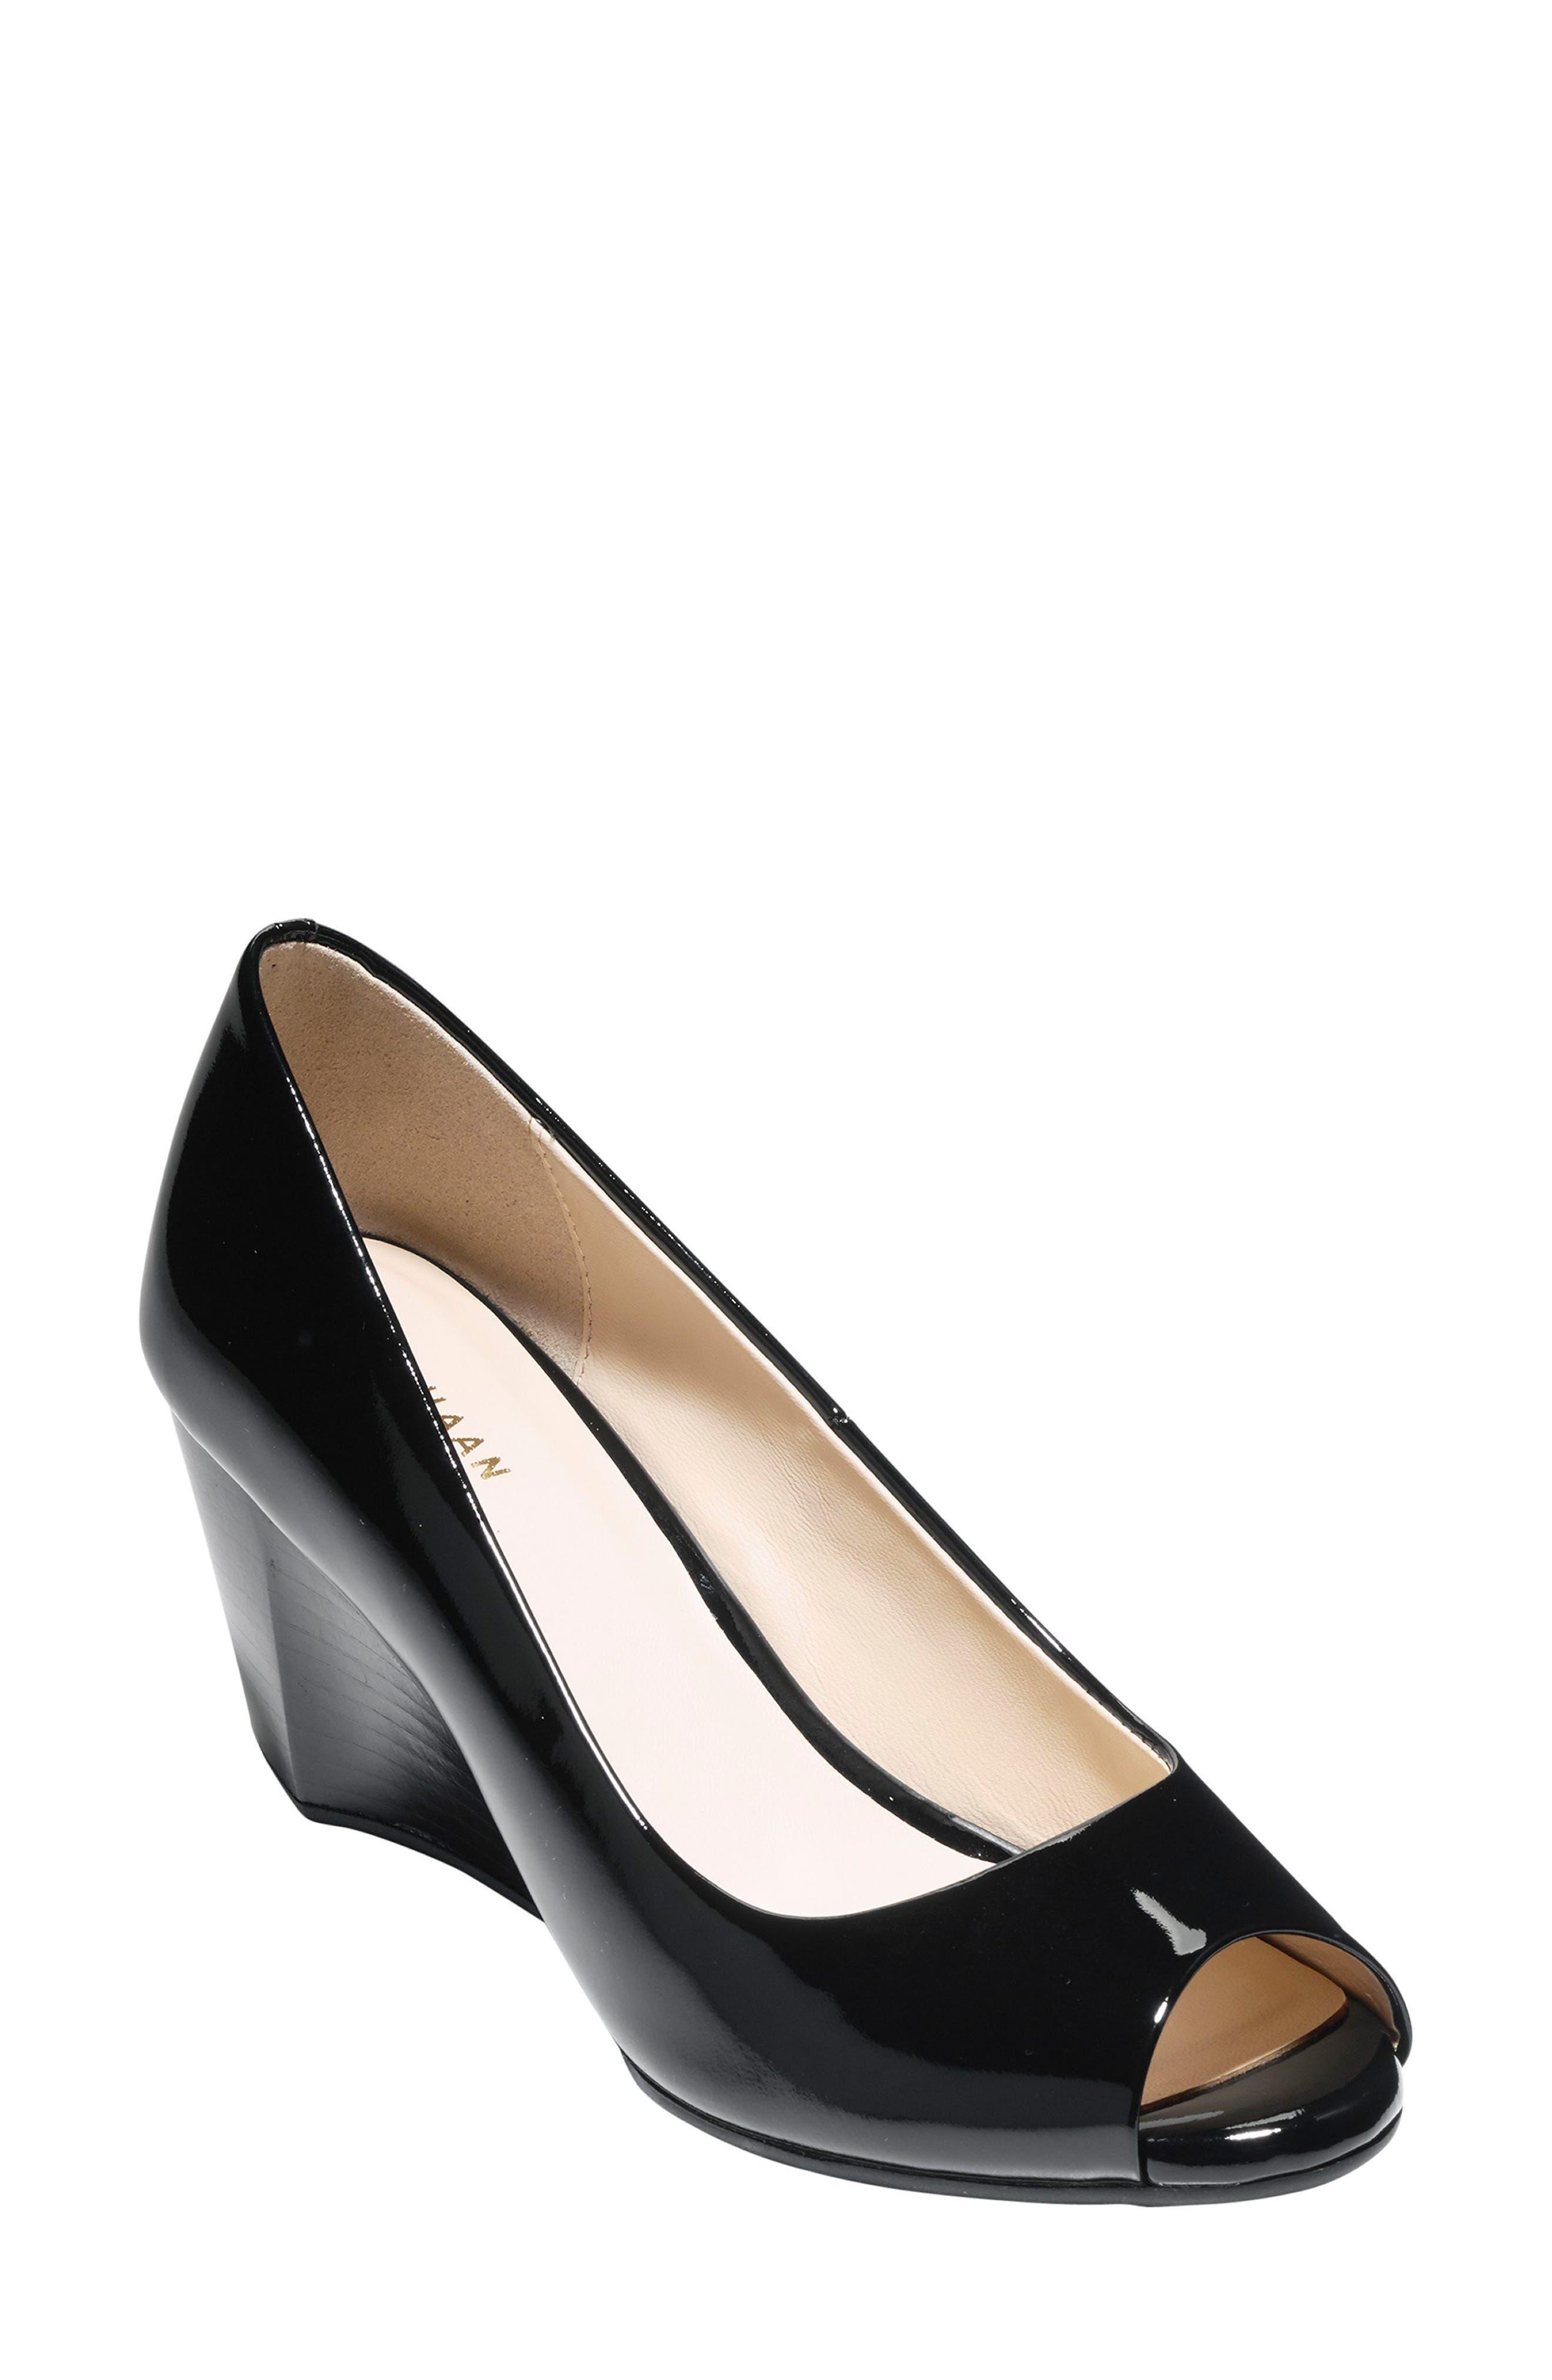 Sadie Patent Leather Peep Toe Wedge Pumps in Black